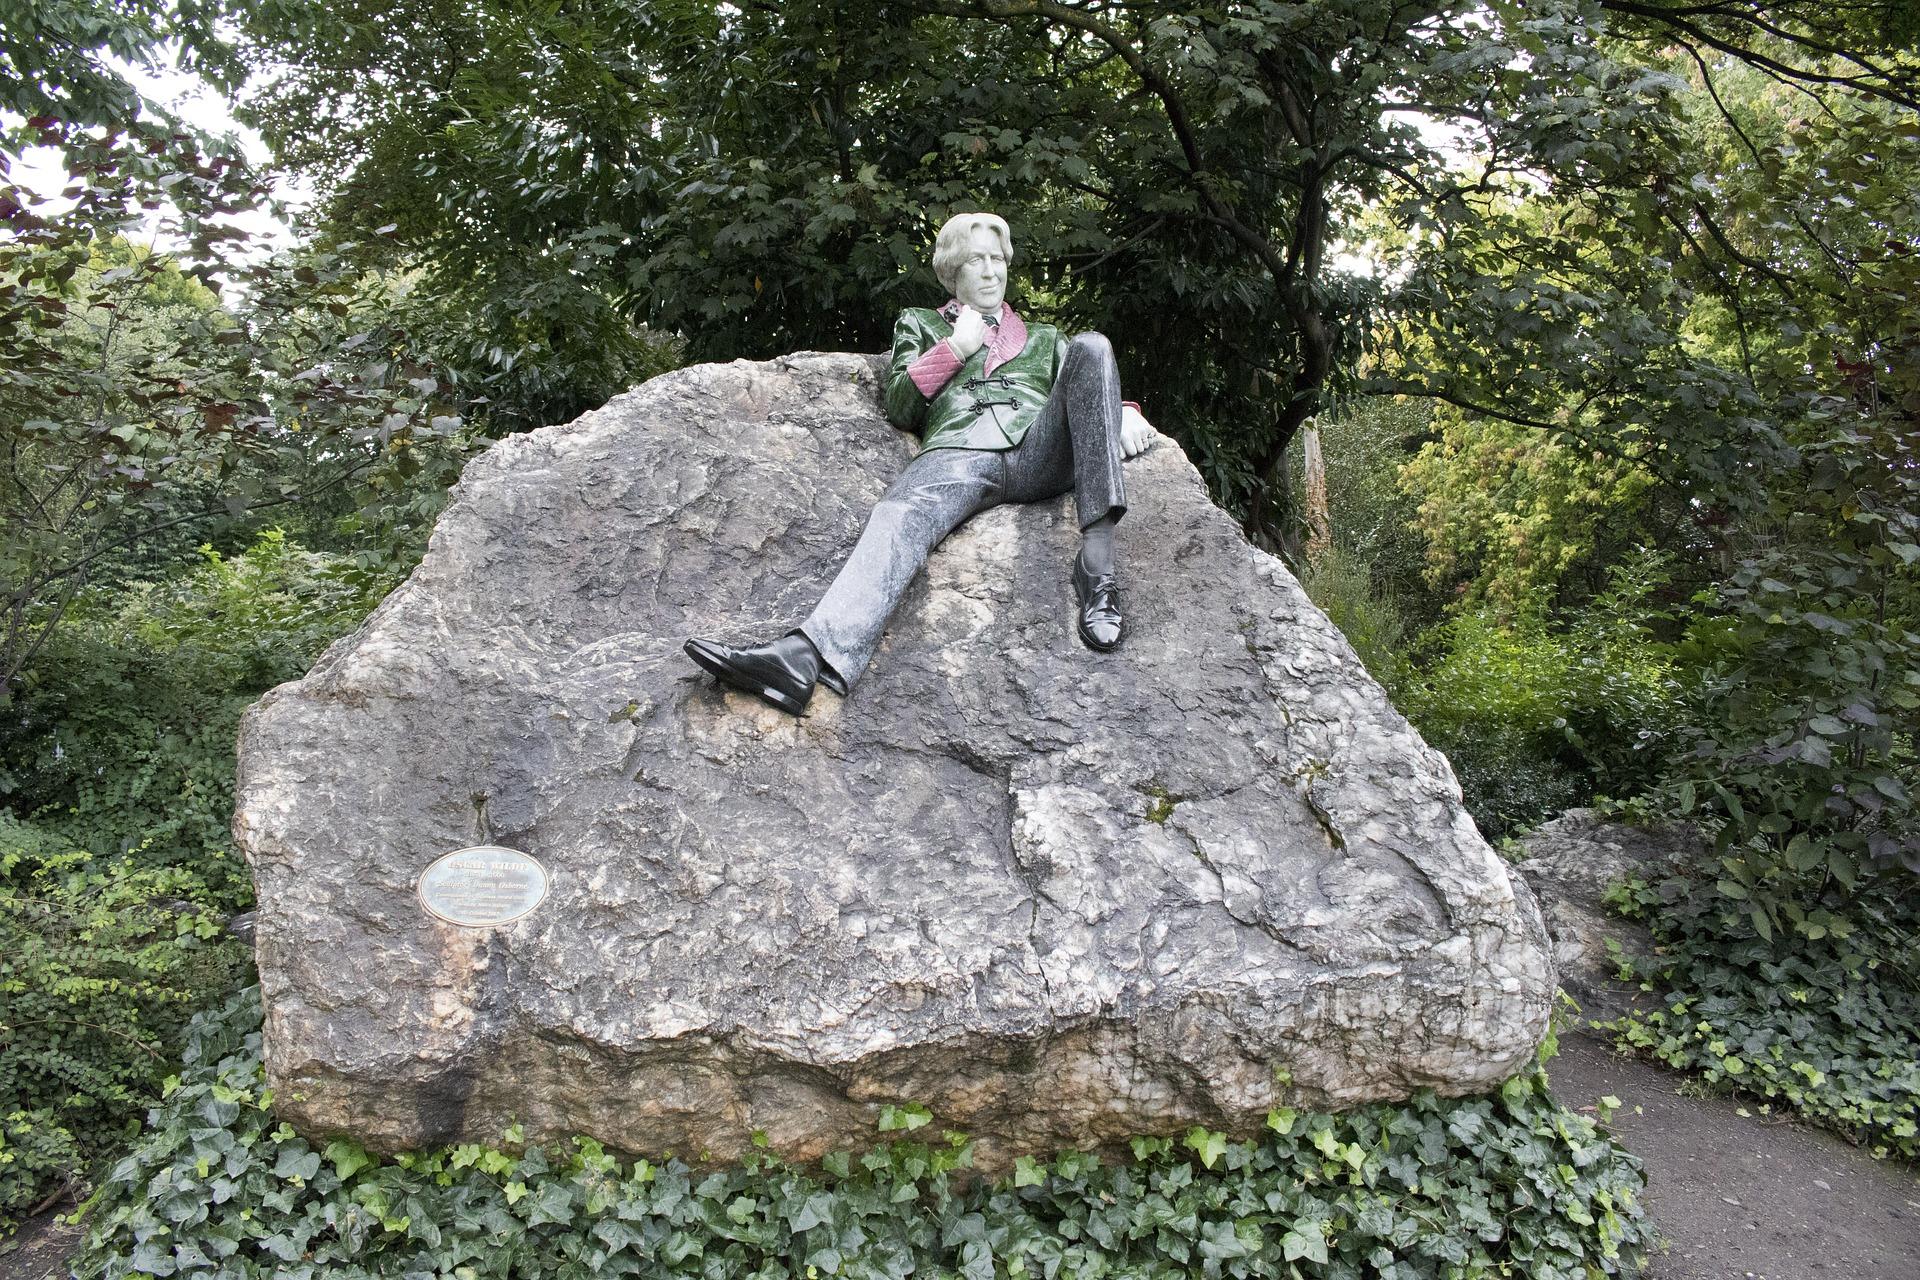 Dublin Sehenswürdigkeiten Dublin Sightseeing